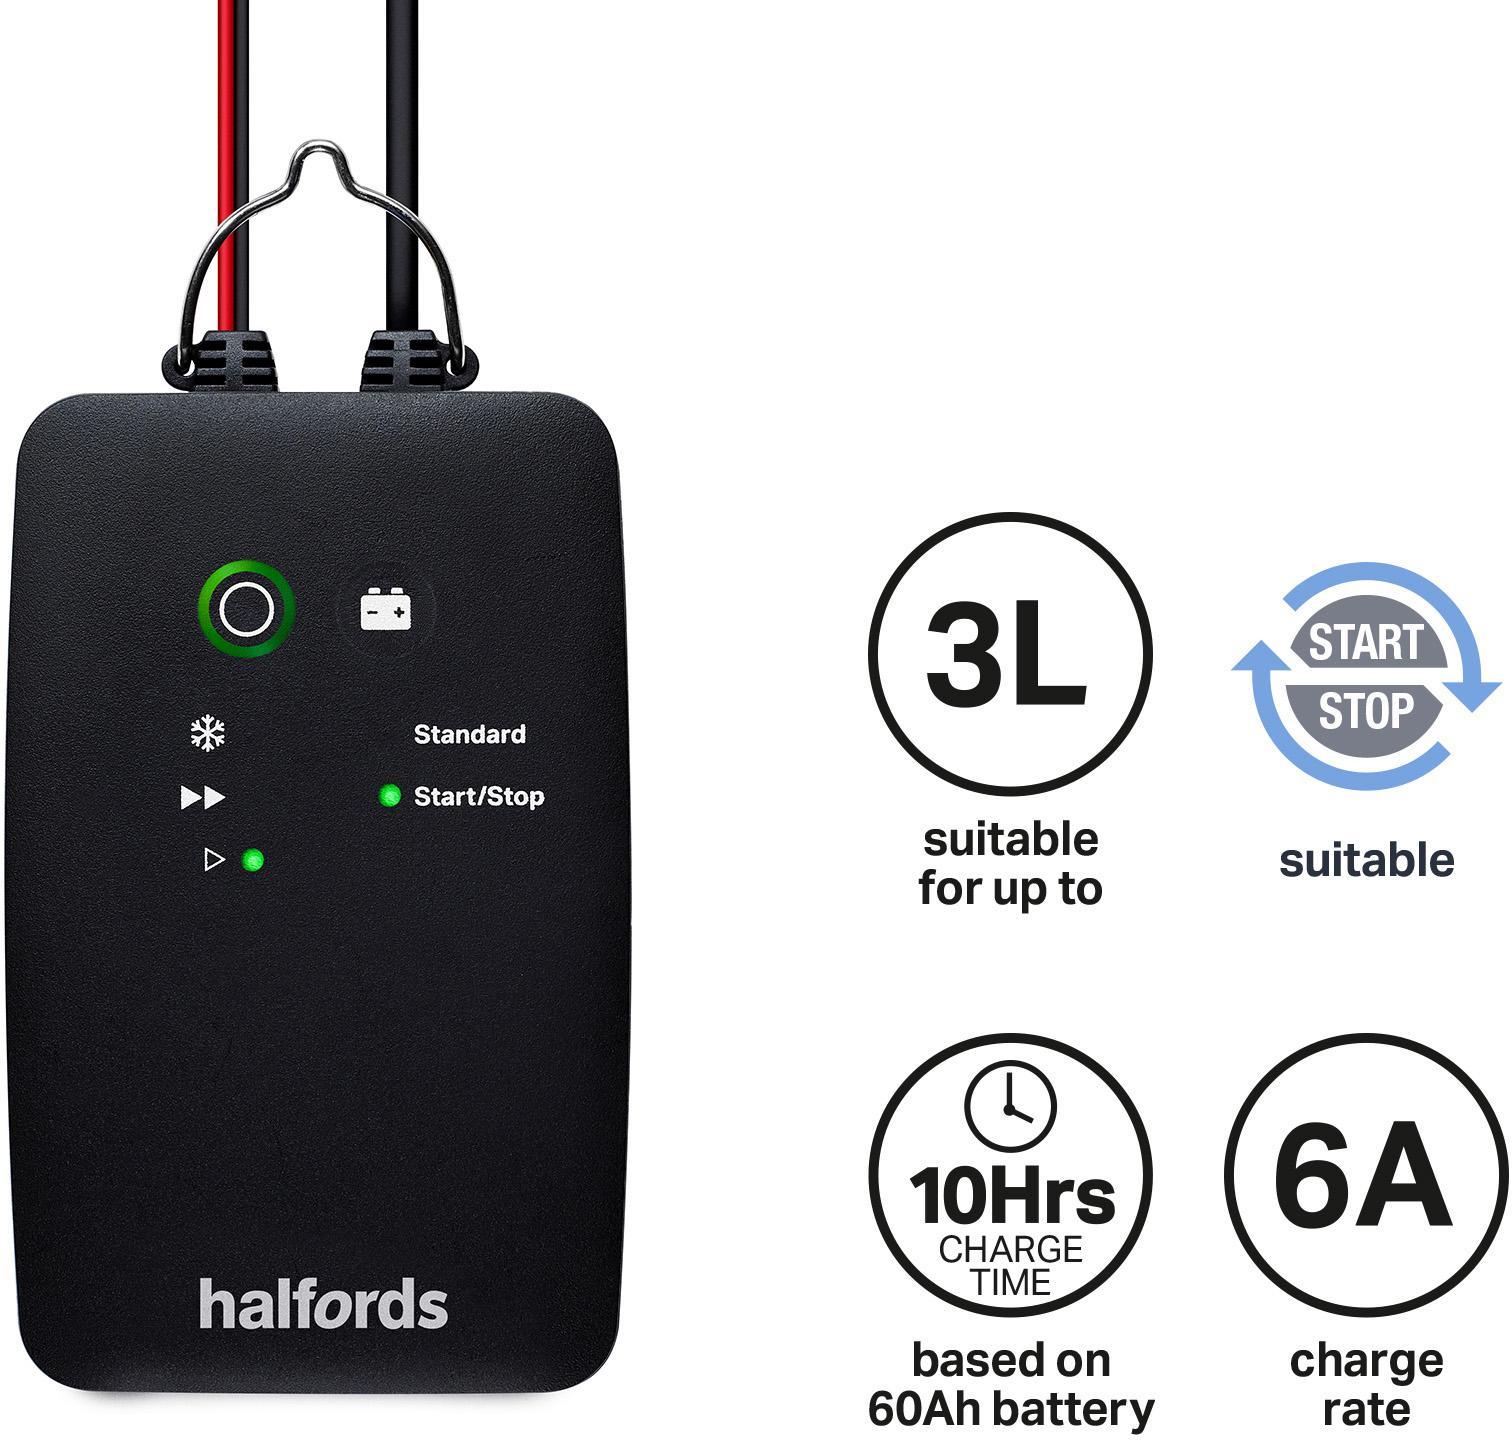 halfords smart charger plus 12v v rh halfords com halfords portable powerpack 200 instruction manual User Manual